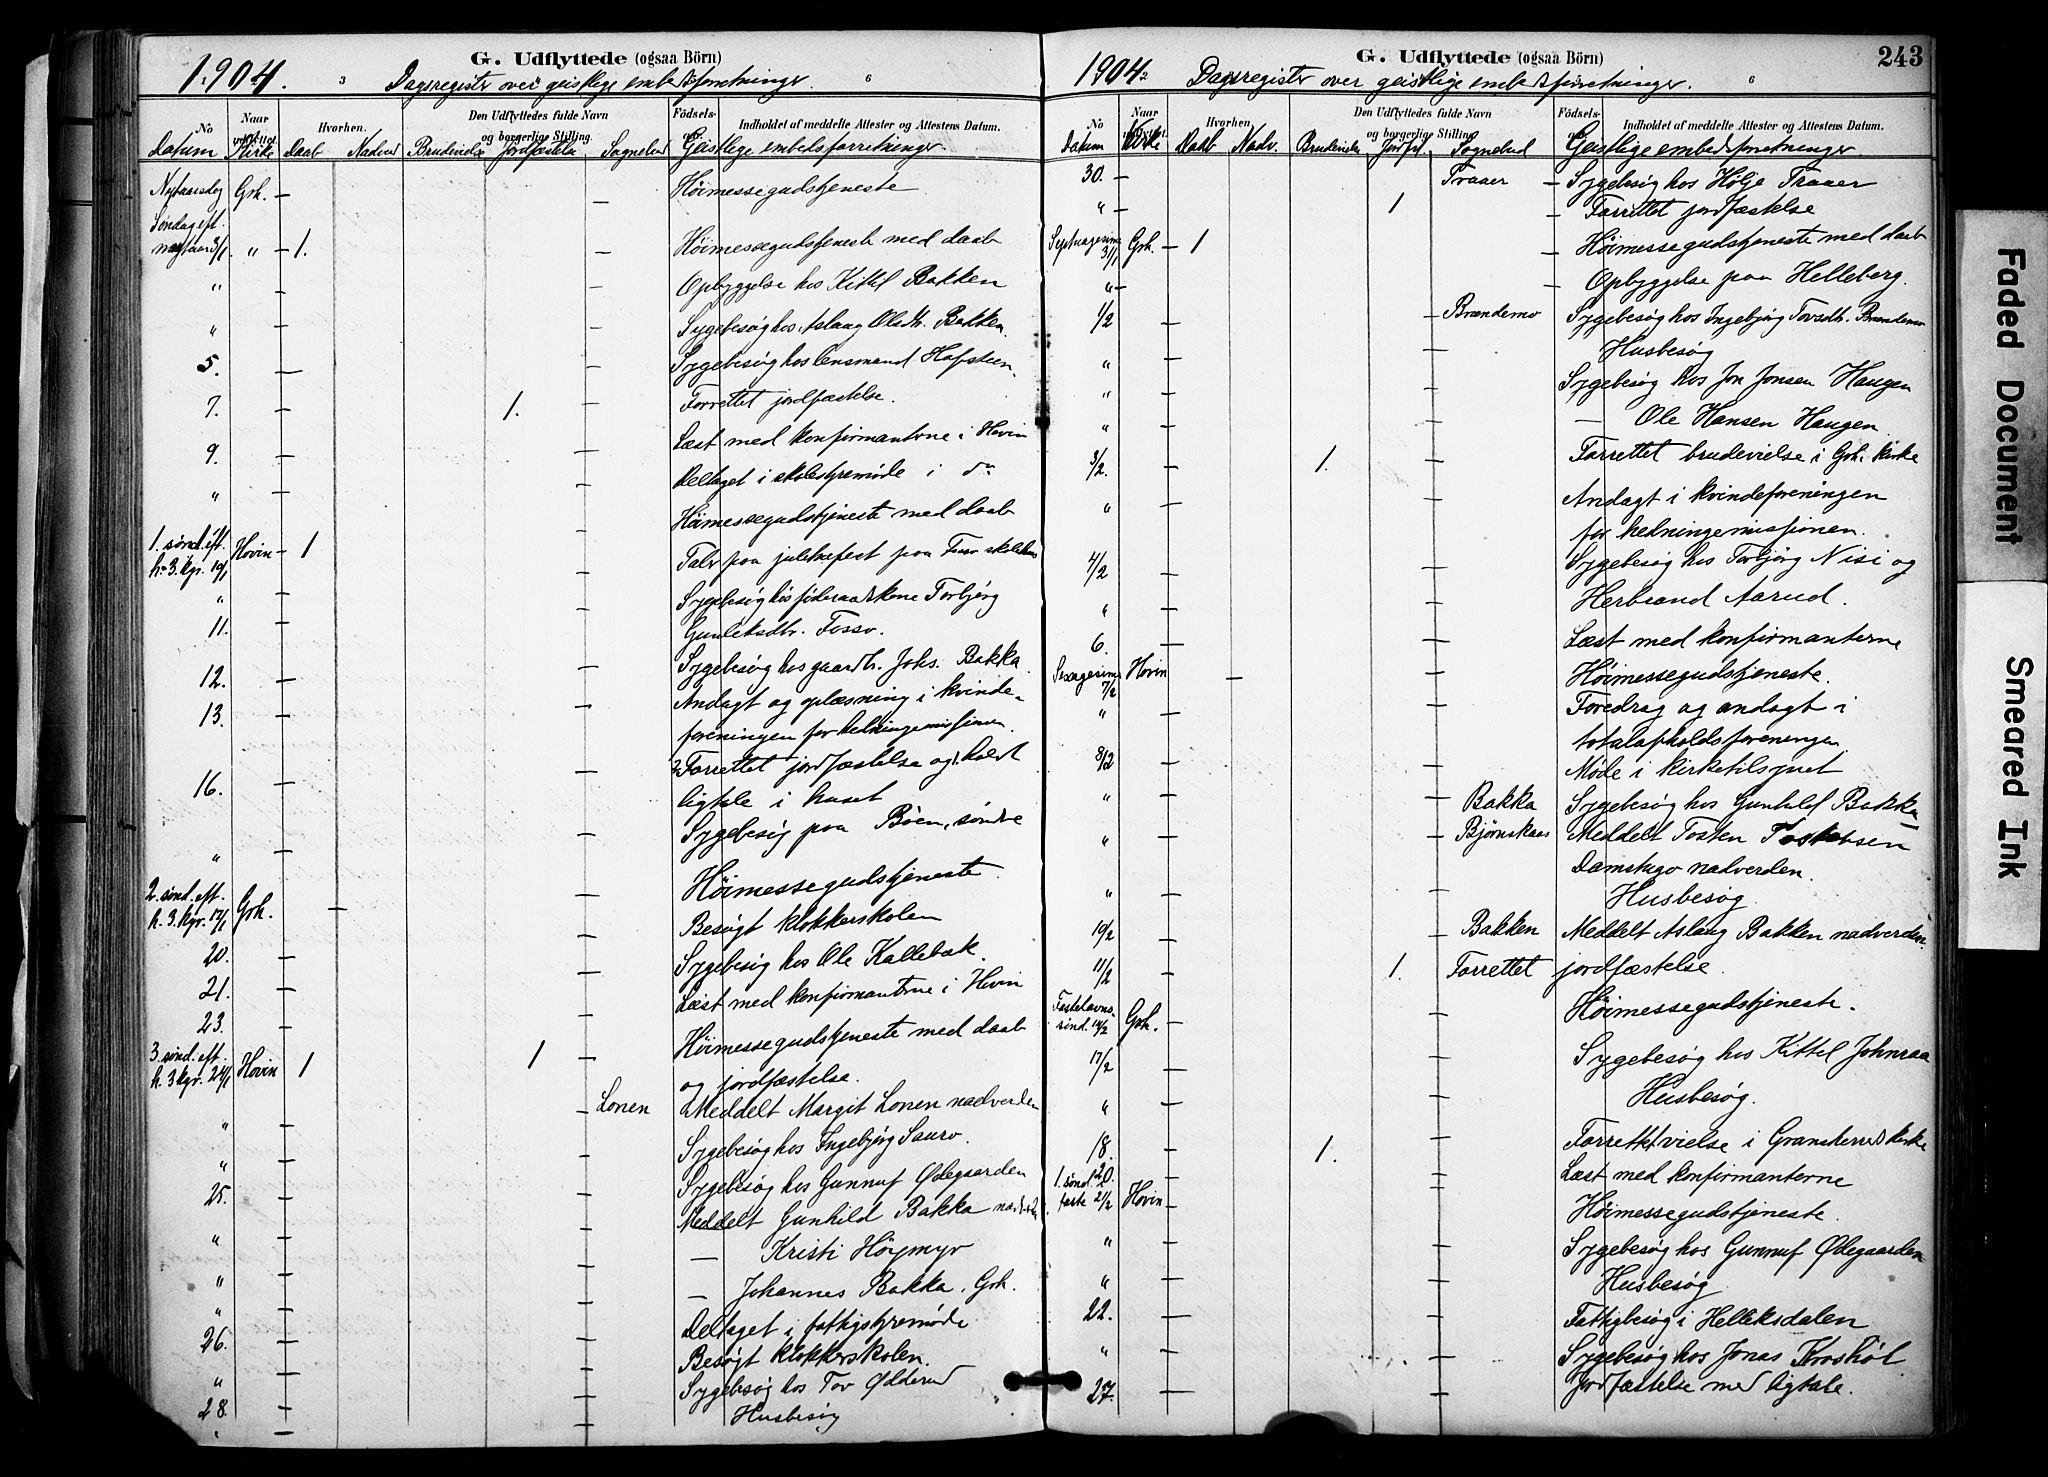 SAKO, Gransherad kirkebøker, F/Fa/L0005: Ministerialbok nr. I 5, 1887-1916, s. 243